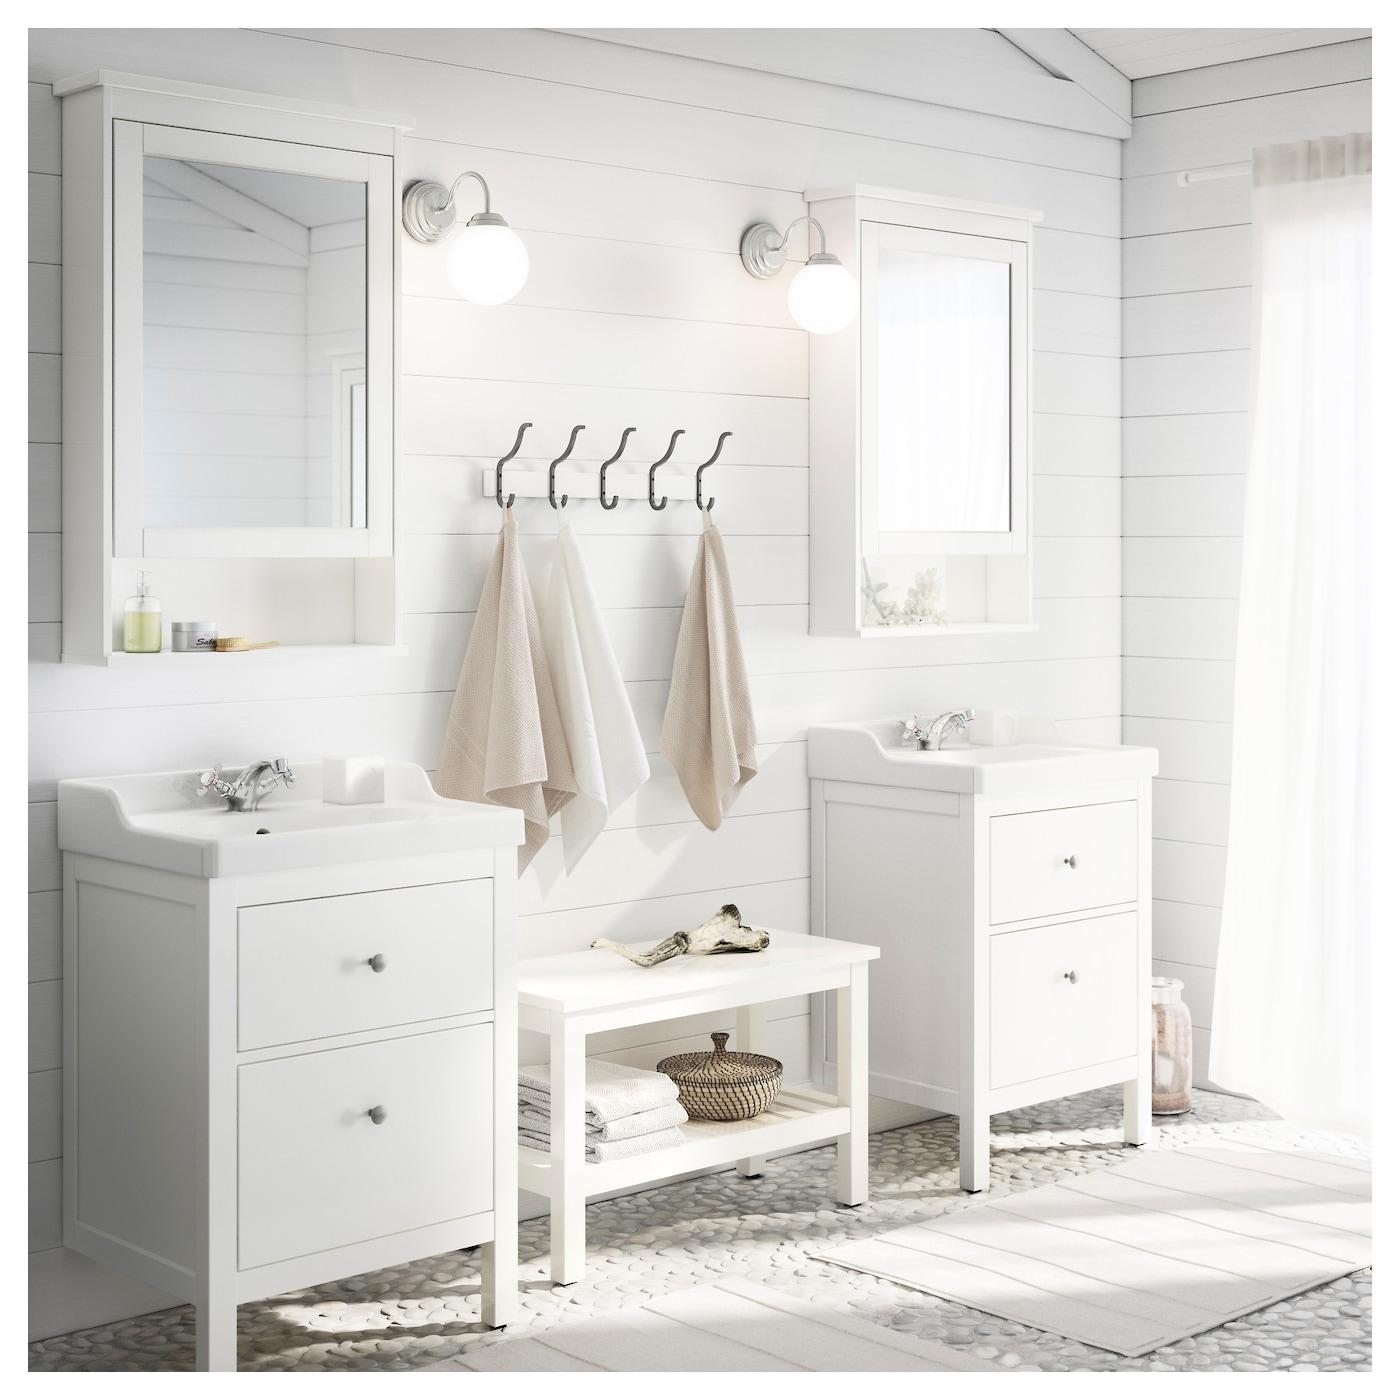 HEMNES RäTTVIKEN Kast voor wastafel met 2 lades Wit 60x49x89 cm IKEA